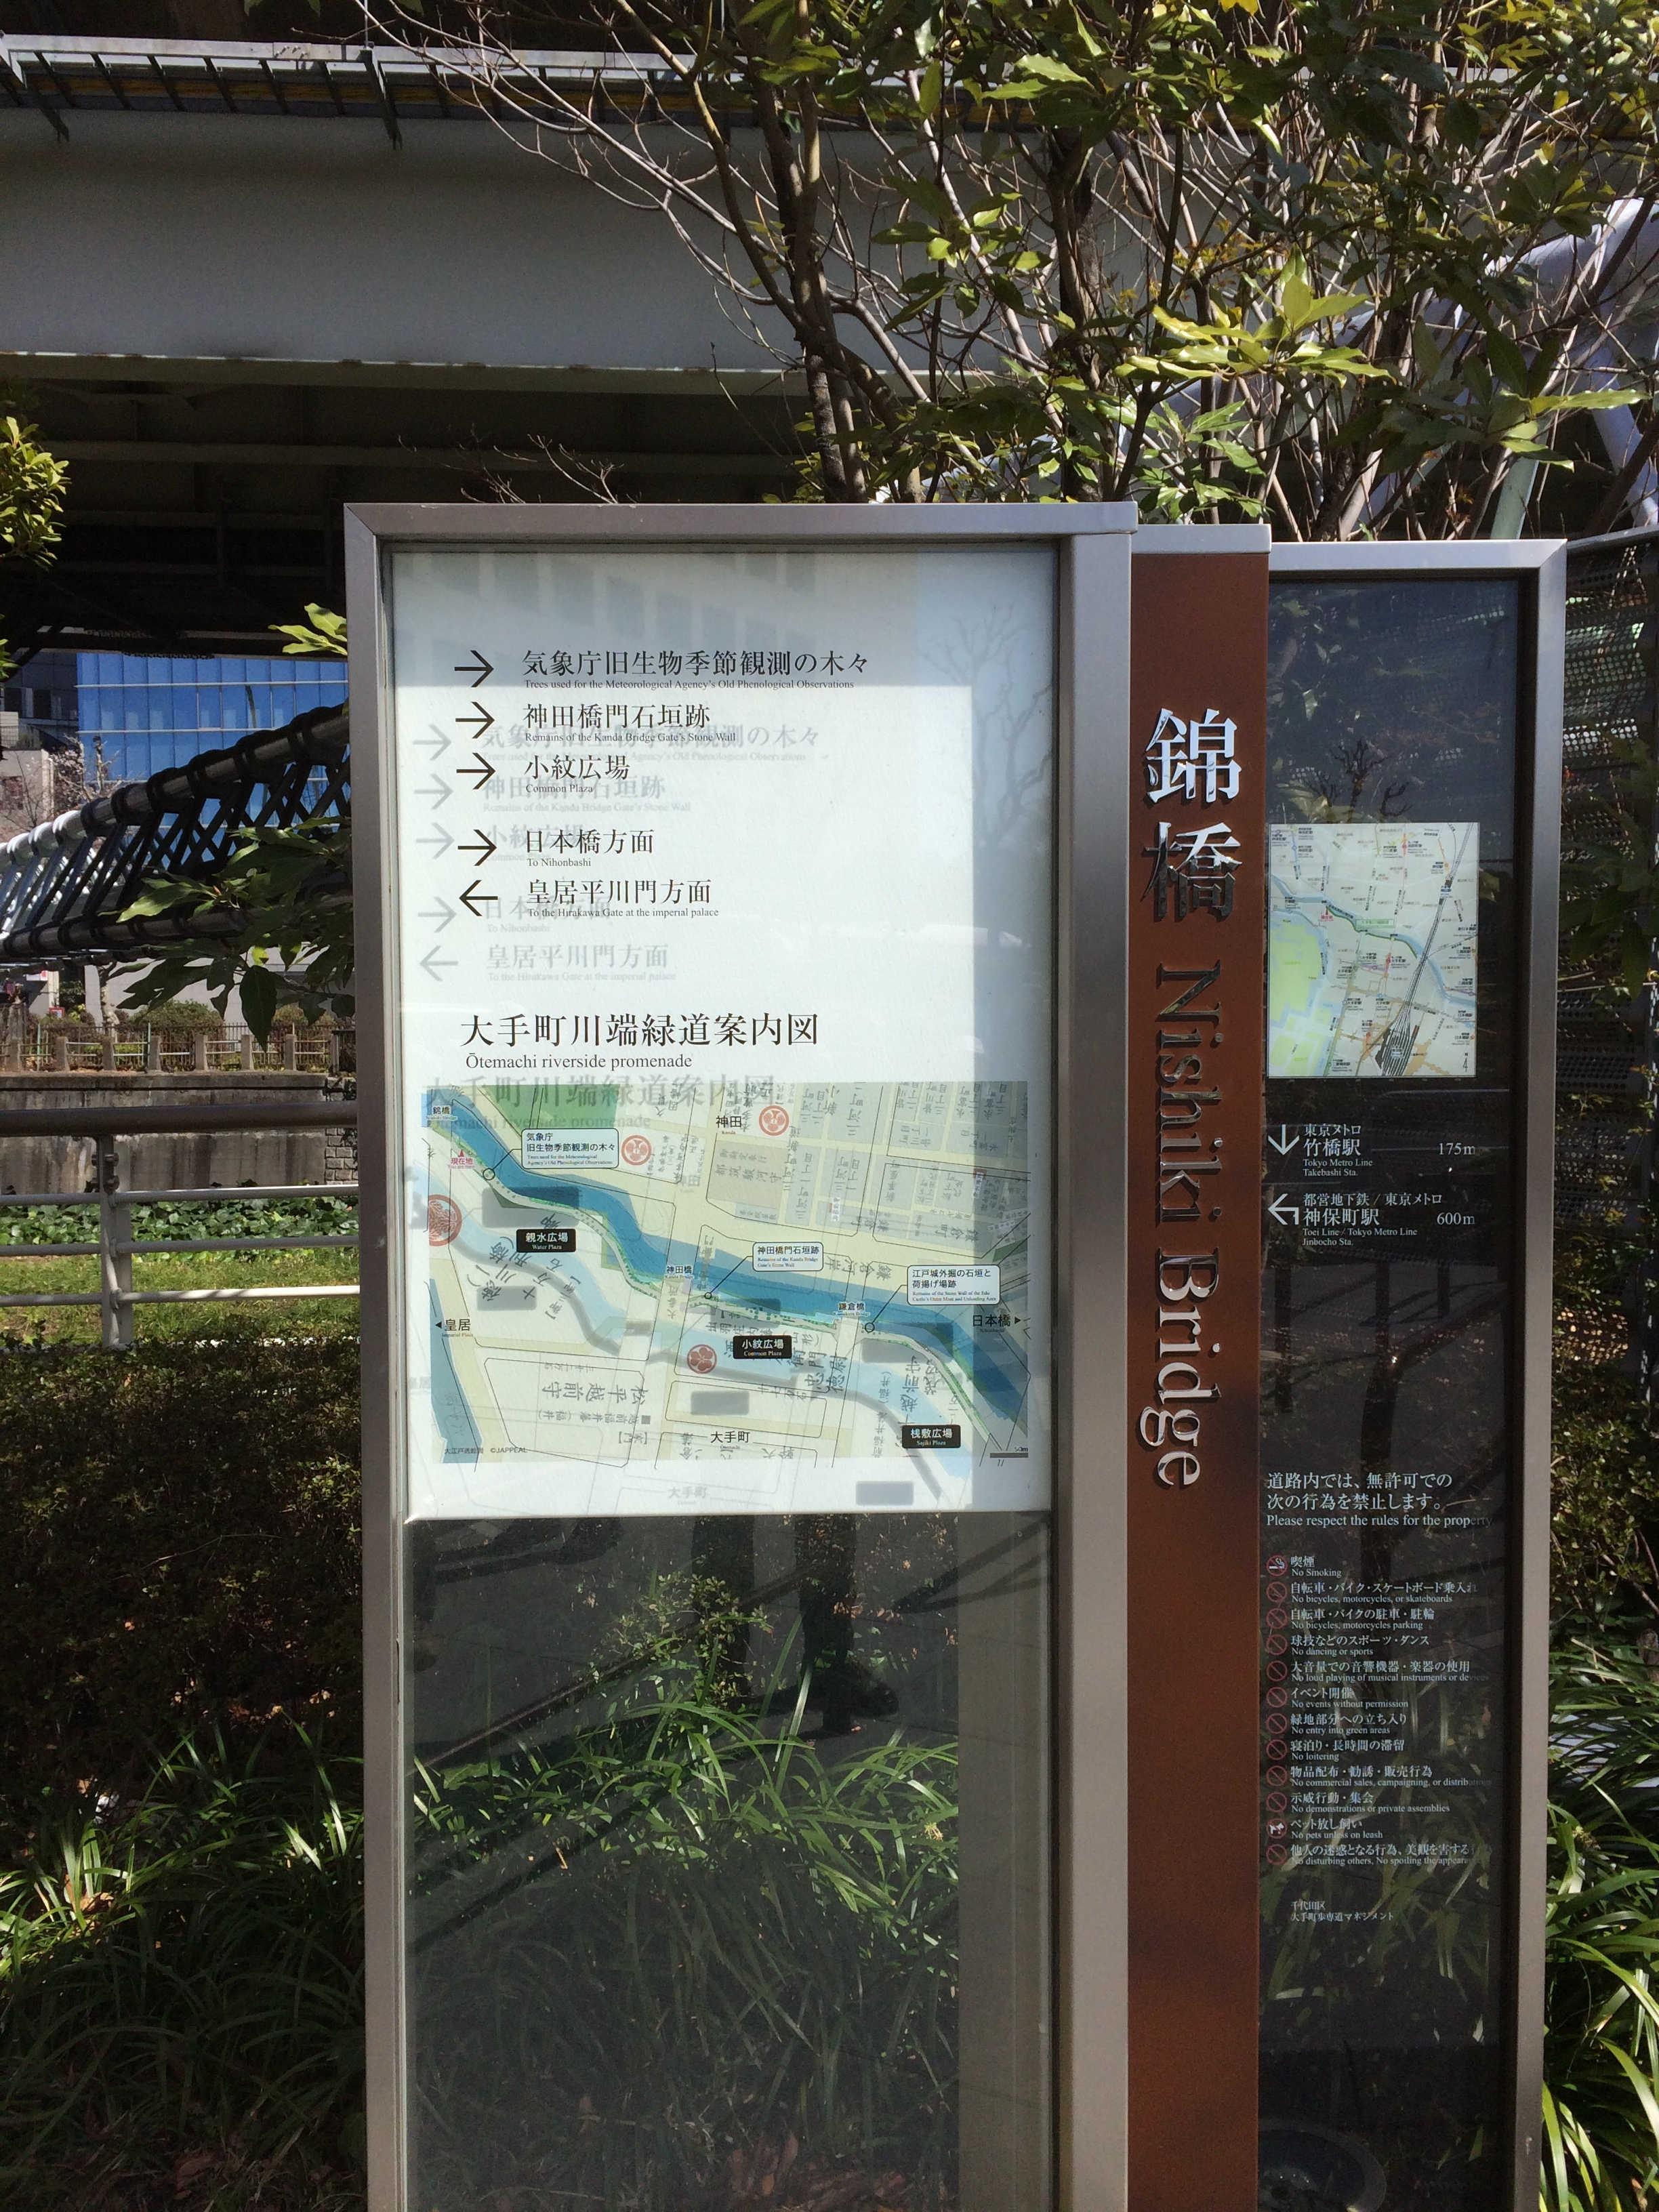 /錦町(大手町川端緑道案内図)